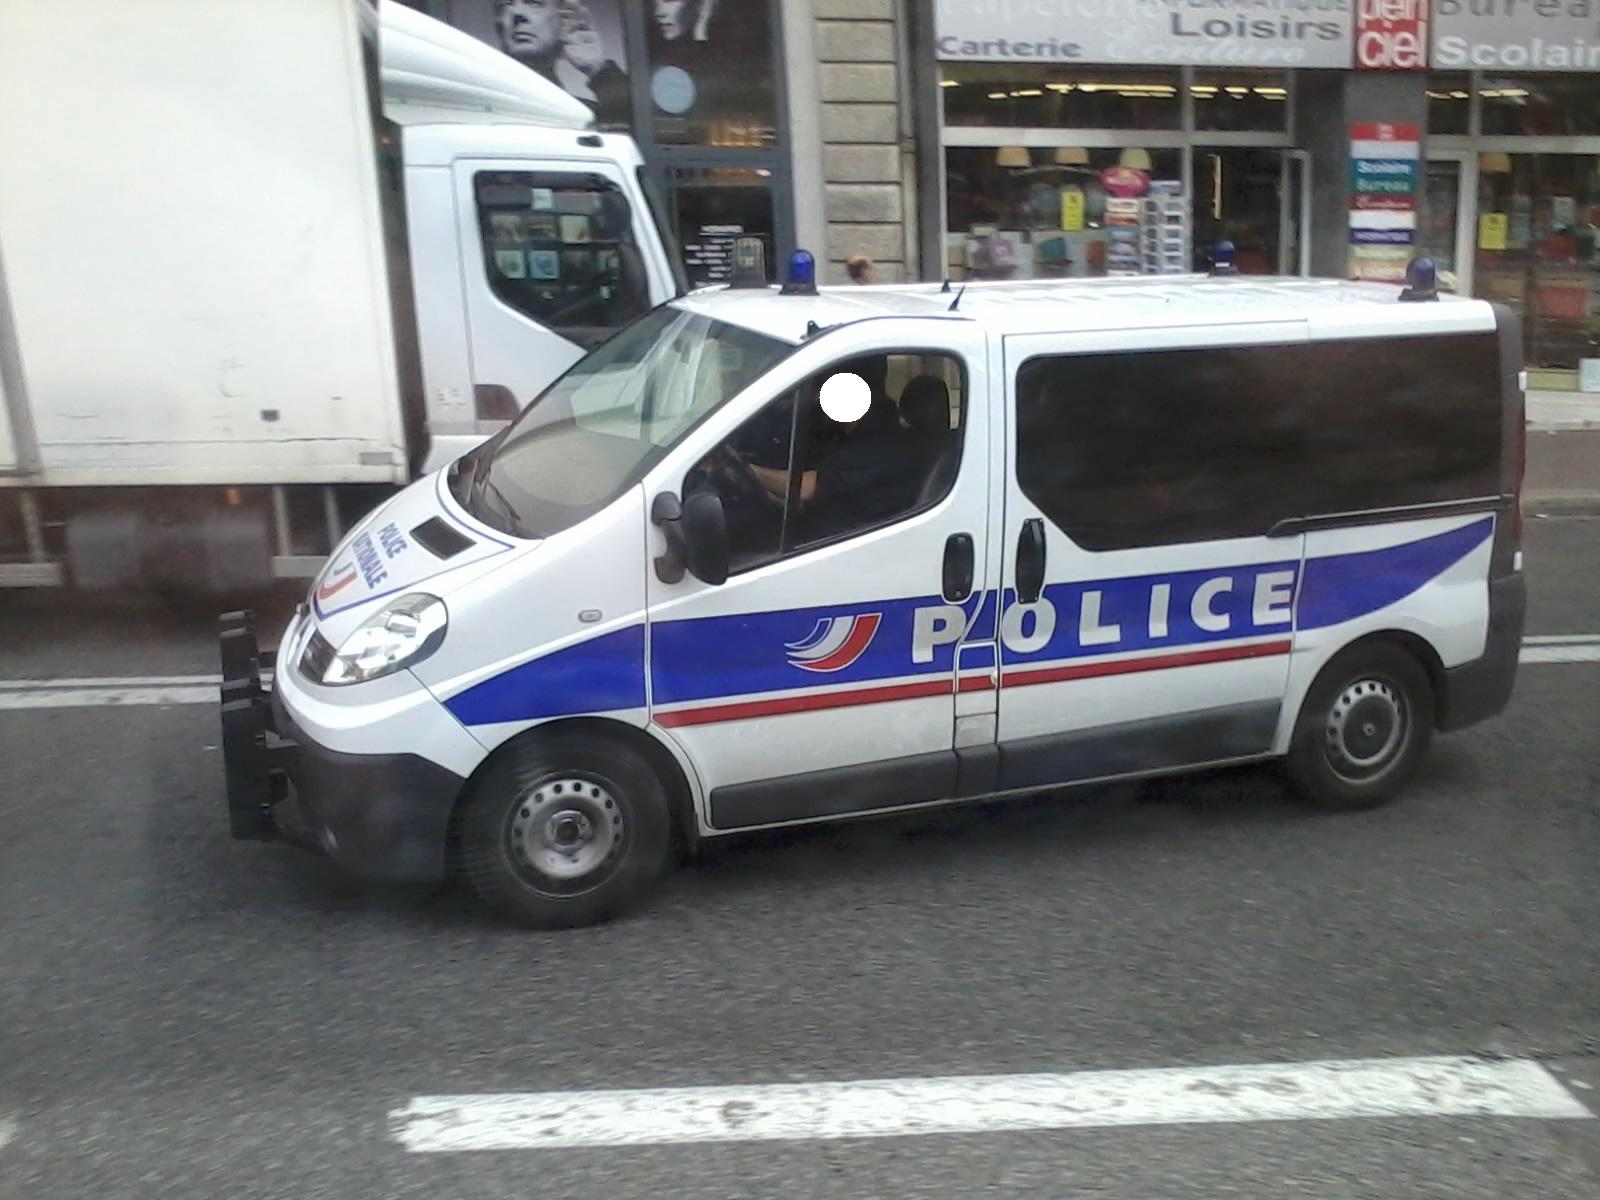 photos de voitures de police page 2308 auto titre. Black Bedroom Furniture Sets. Home Design Ideas